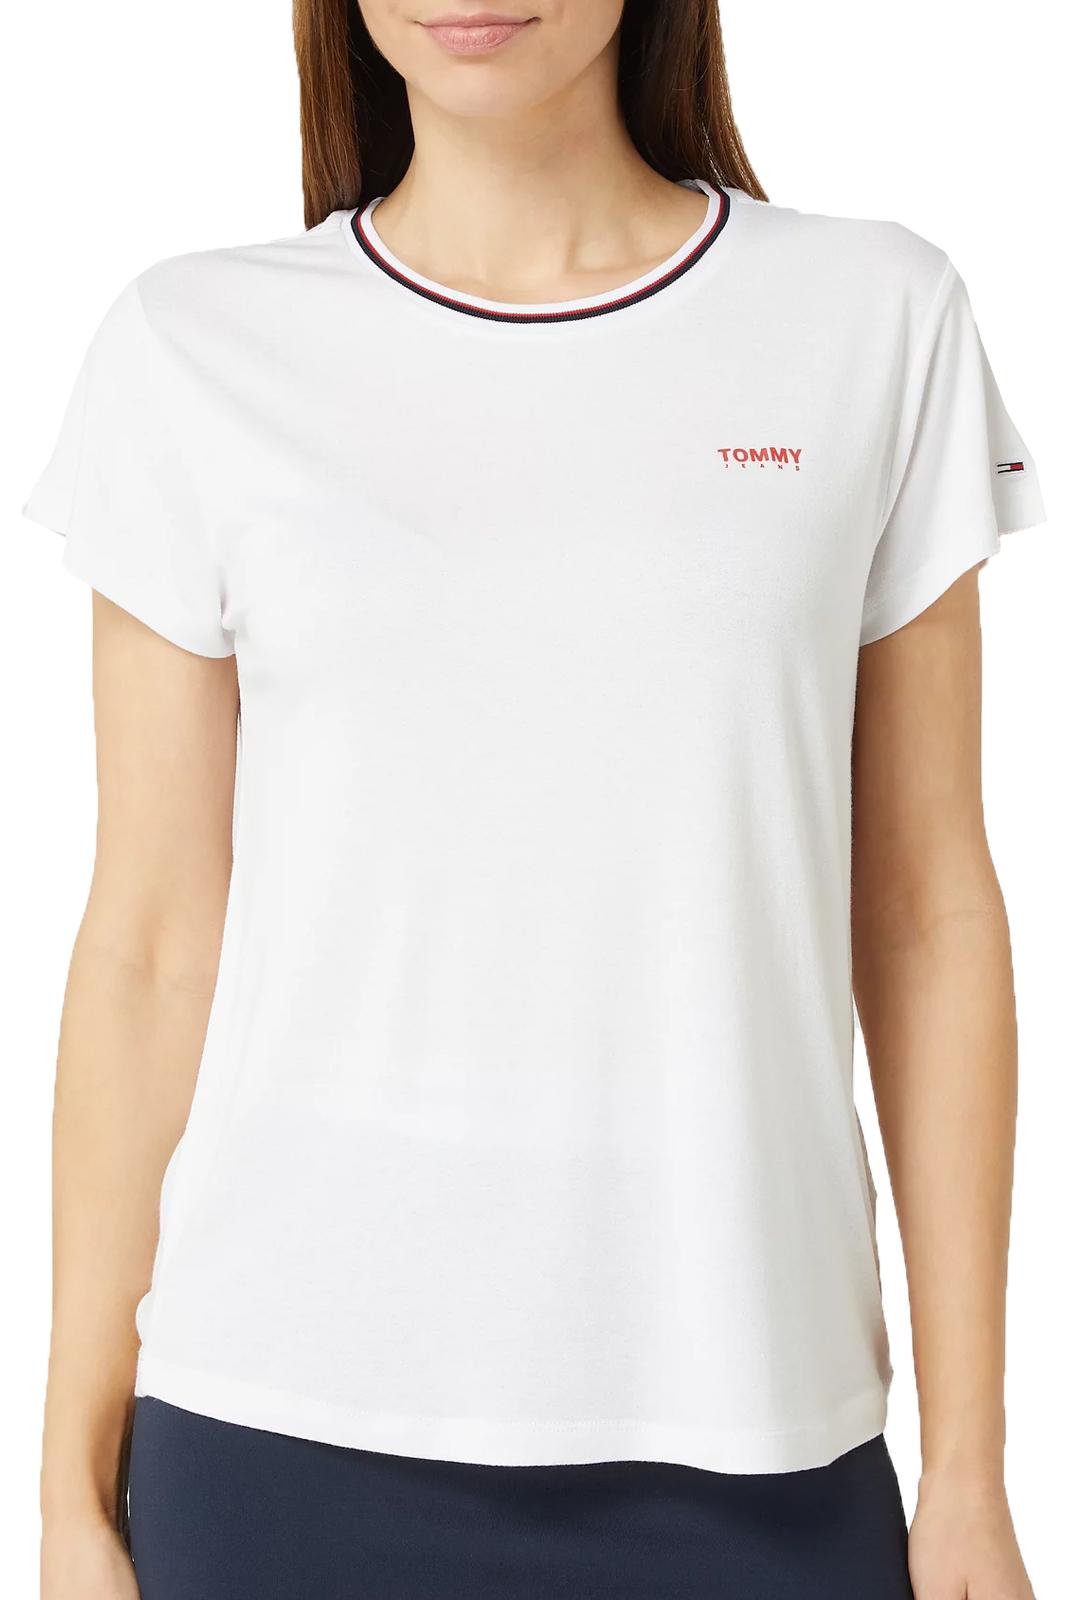 Tee shirt  Tommy Jeans DW0DW08015  RIB YBR WHITE